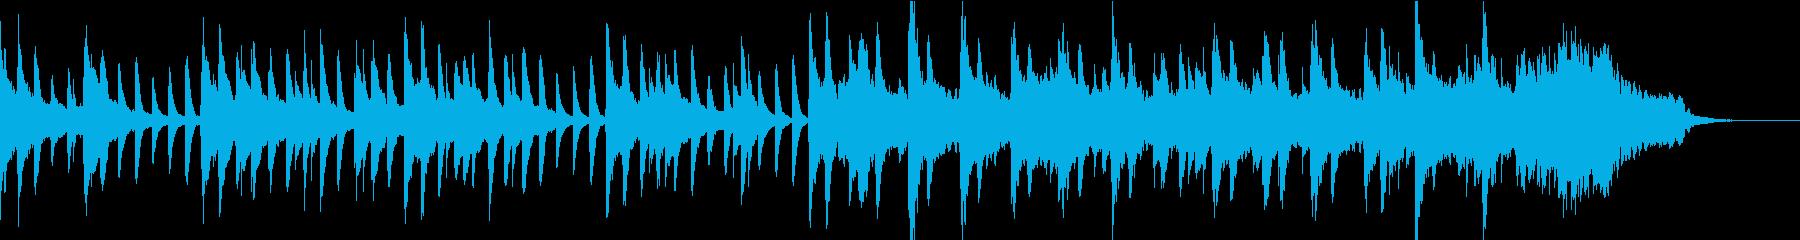 ハープ/森・蝶々・小動物の遊びpart1の再生済みの波形